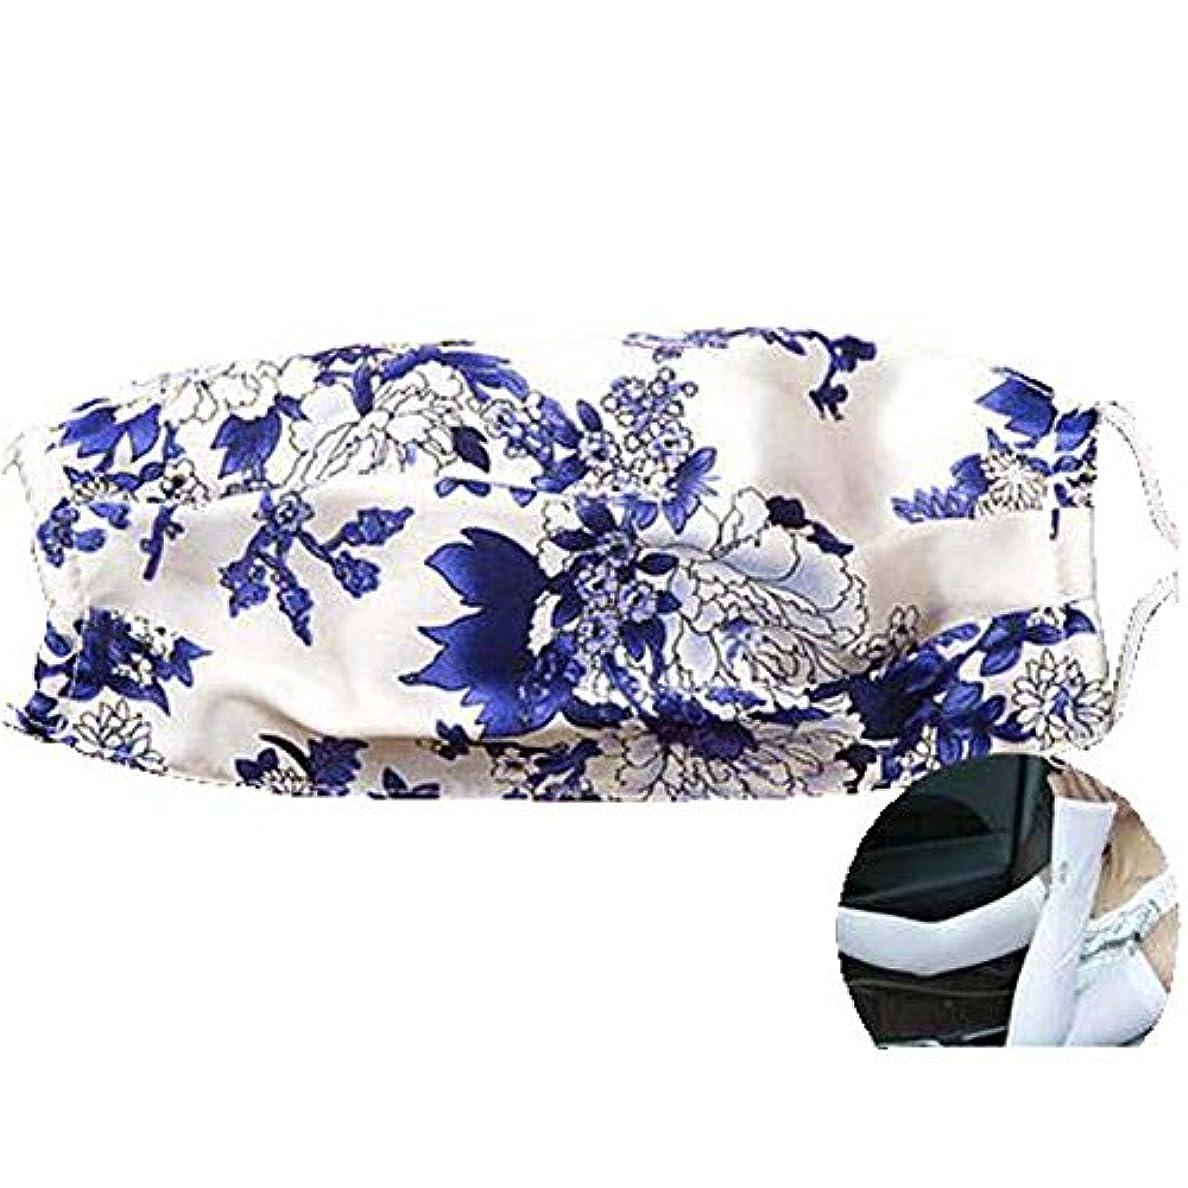 漏斗うぬぼれた説明する再使用可能な洗えるシルクダストマスク、流行マスク、シルクアームスリーブ